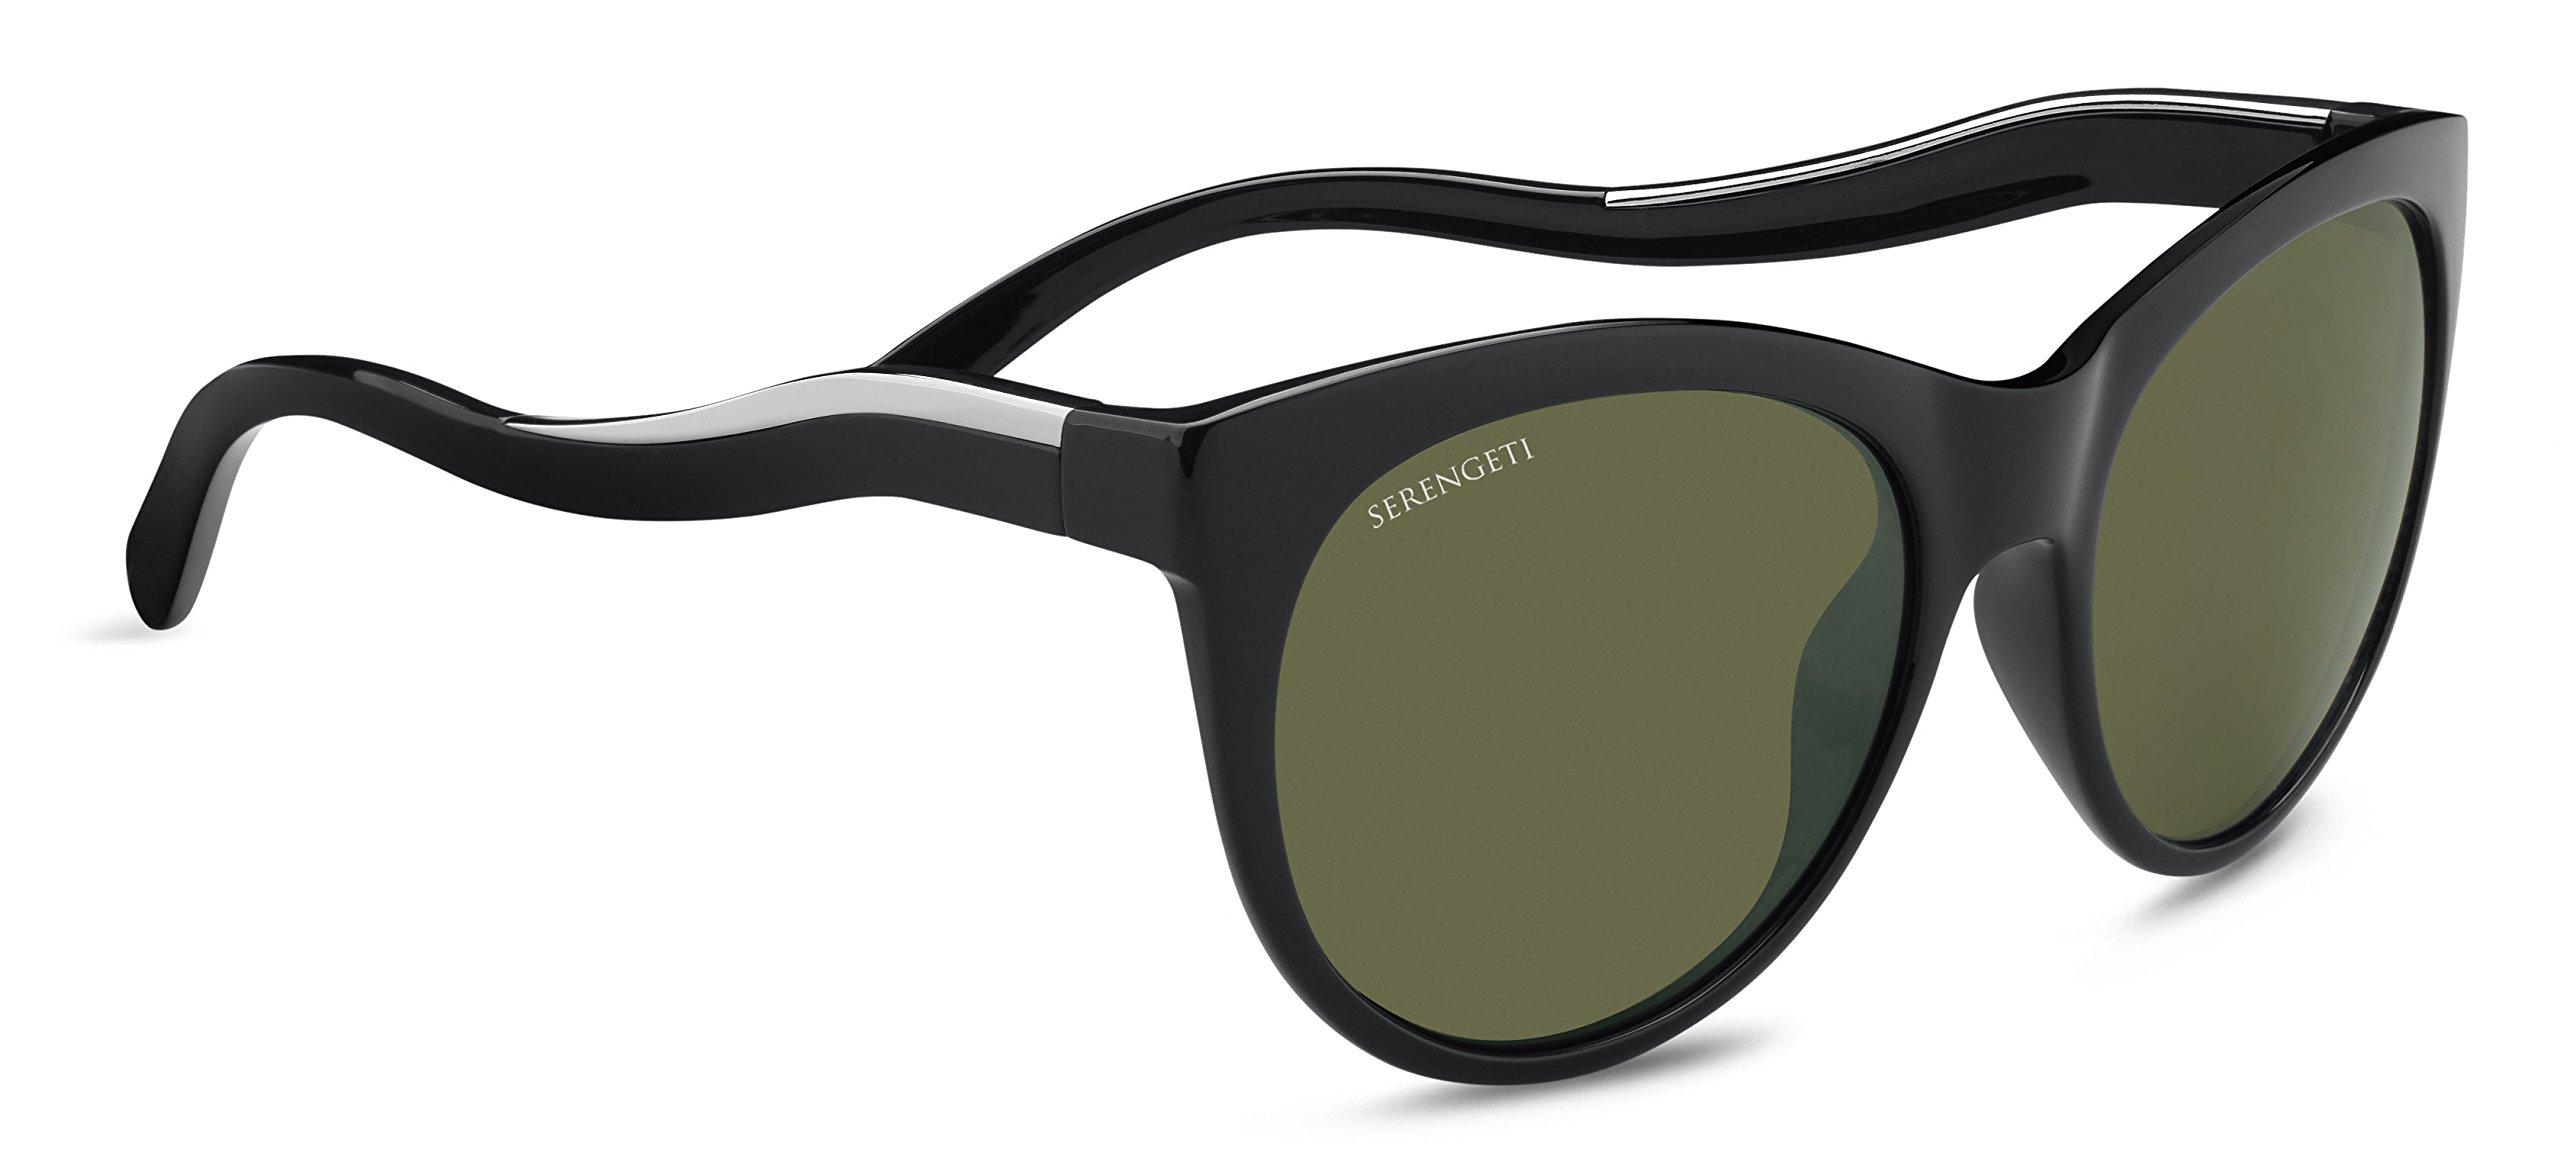 Serengeti Valentina Sunglasses Shiny Black/Shiny Silver, Green